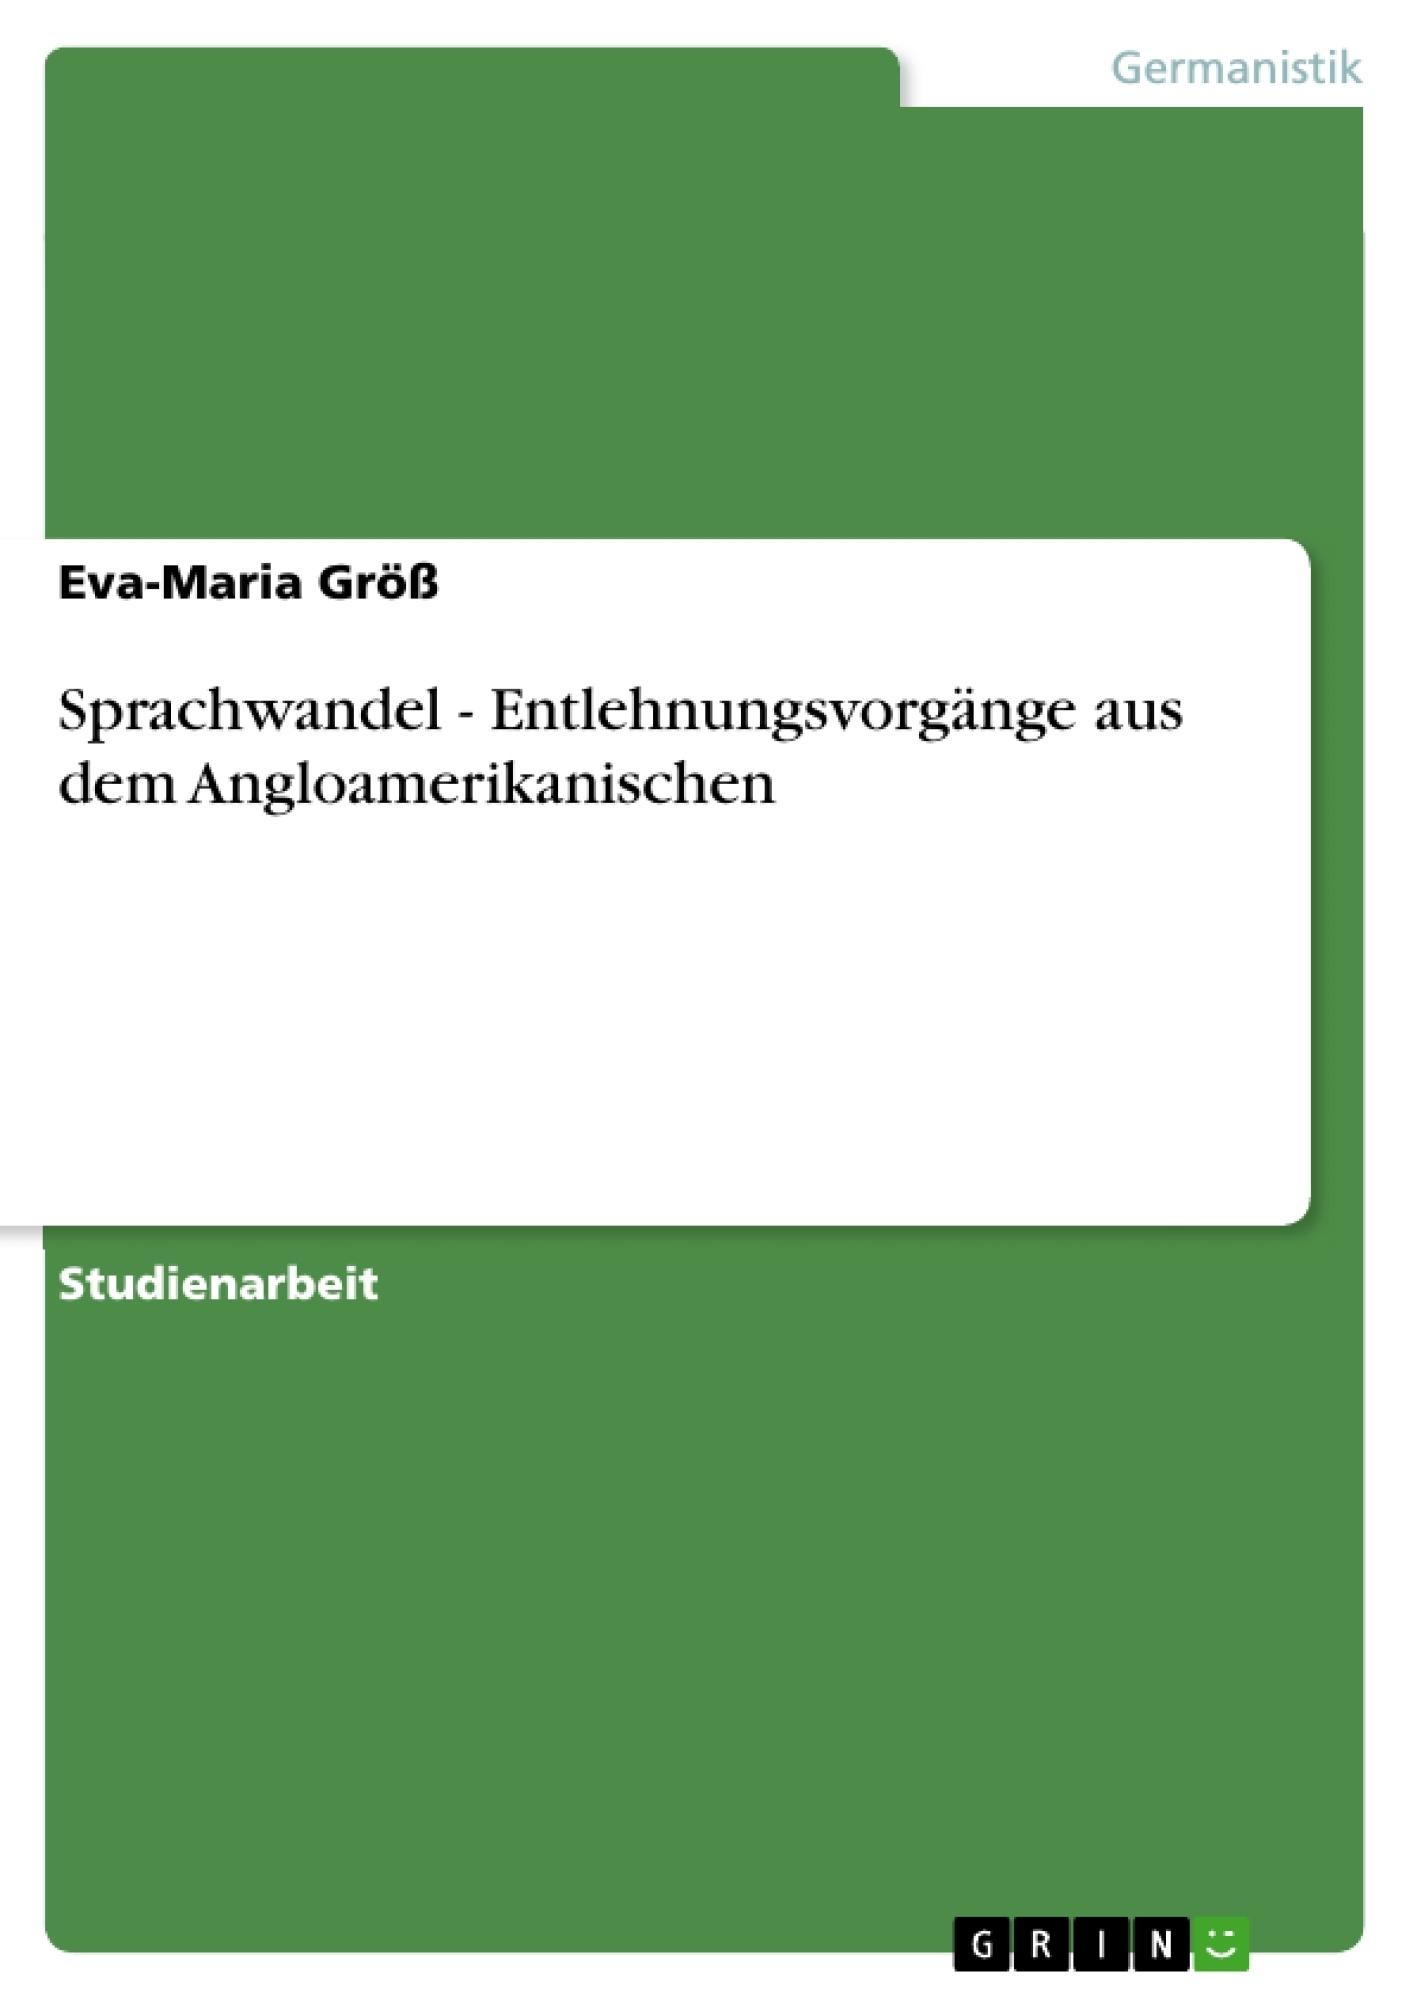 Titel: Sprachwandel - Entlehnungsvorgänge aus dem Angloamerikanischen